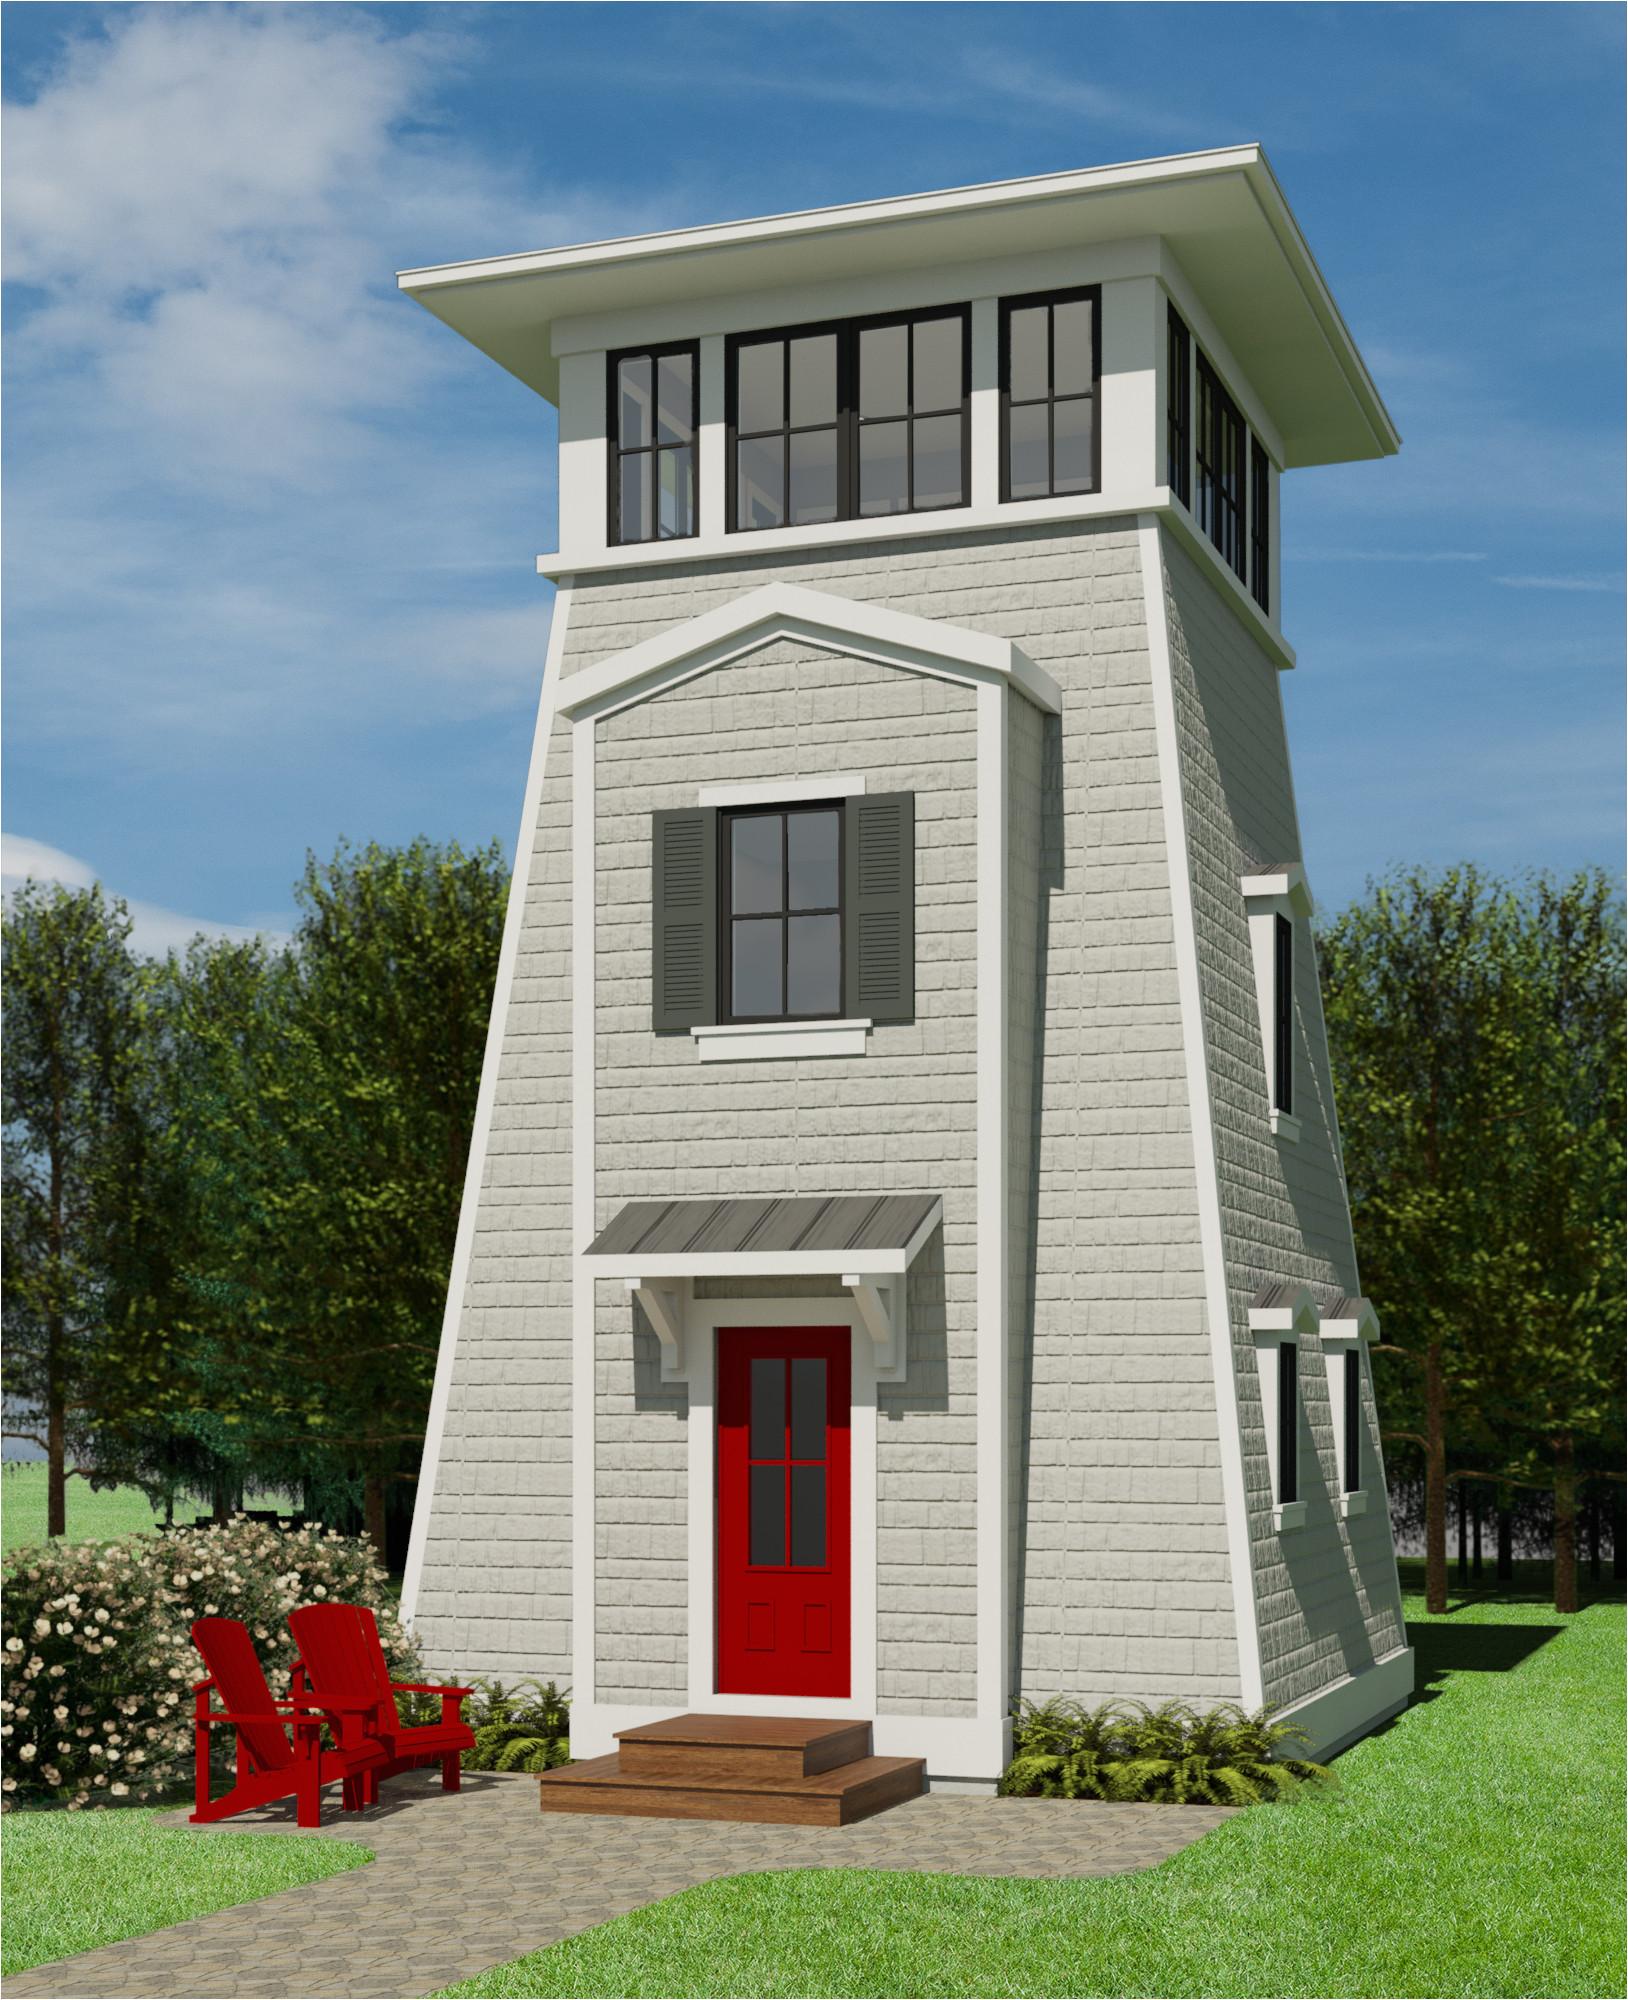 Home Plans Nova Scotia the Nova Scotia Small Home Plans